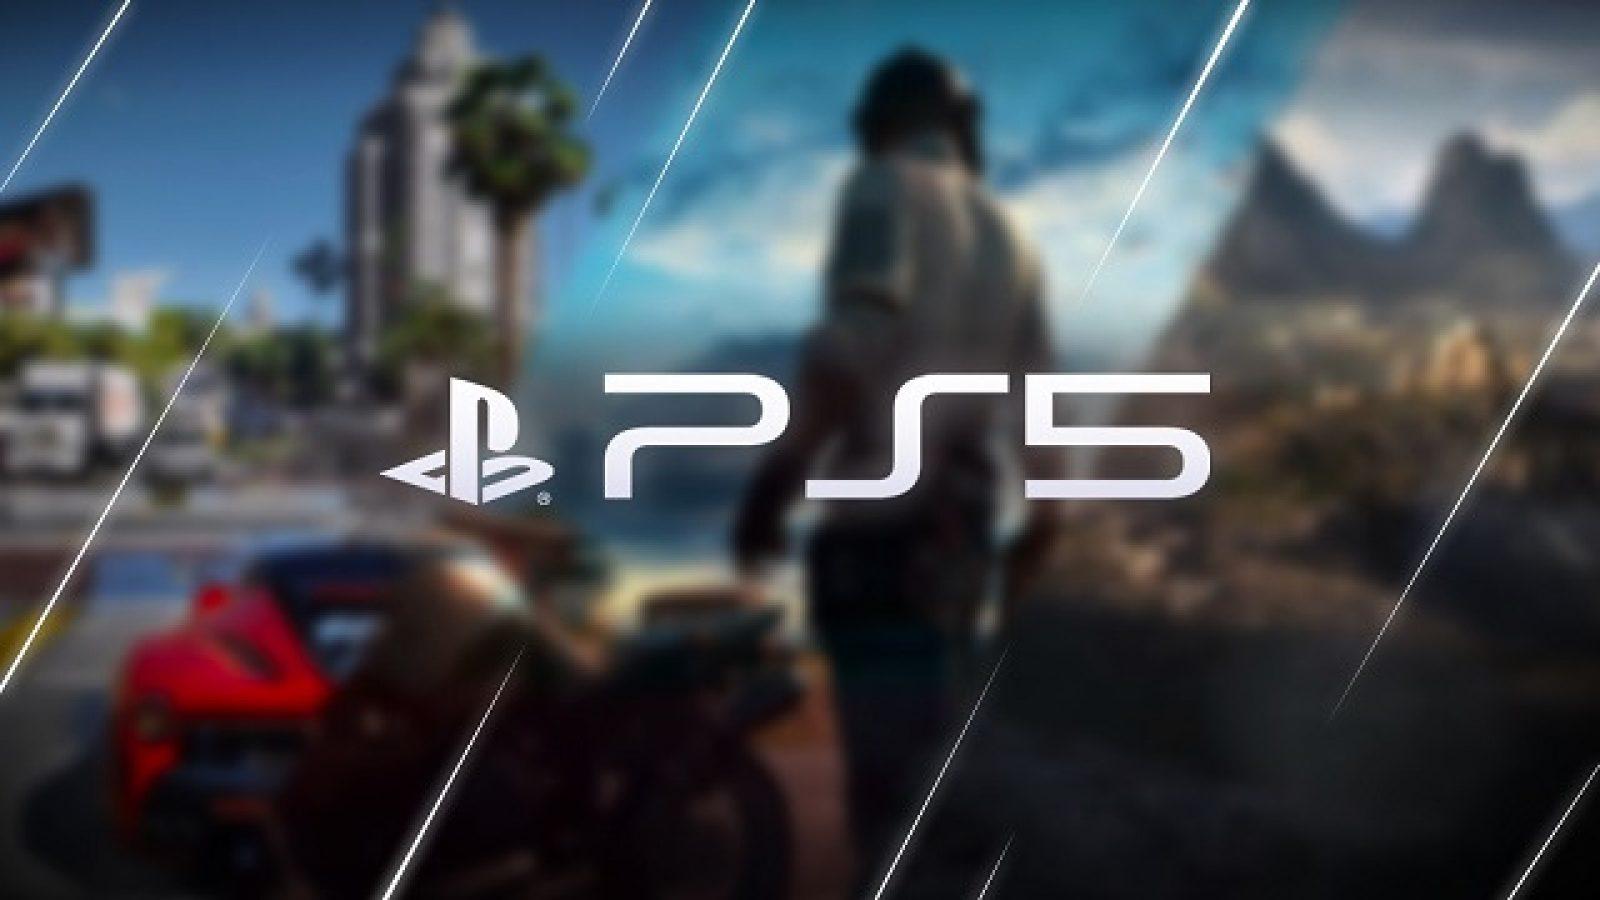 3 игры, которые должны быть ремастированы для PS5 - Fortnite вентиляторы